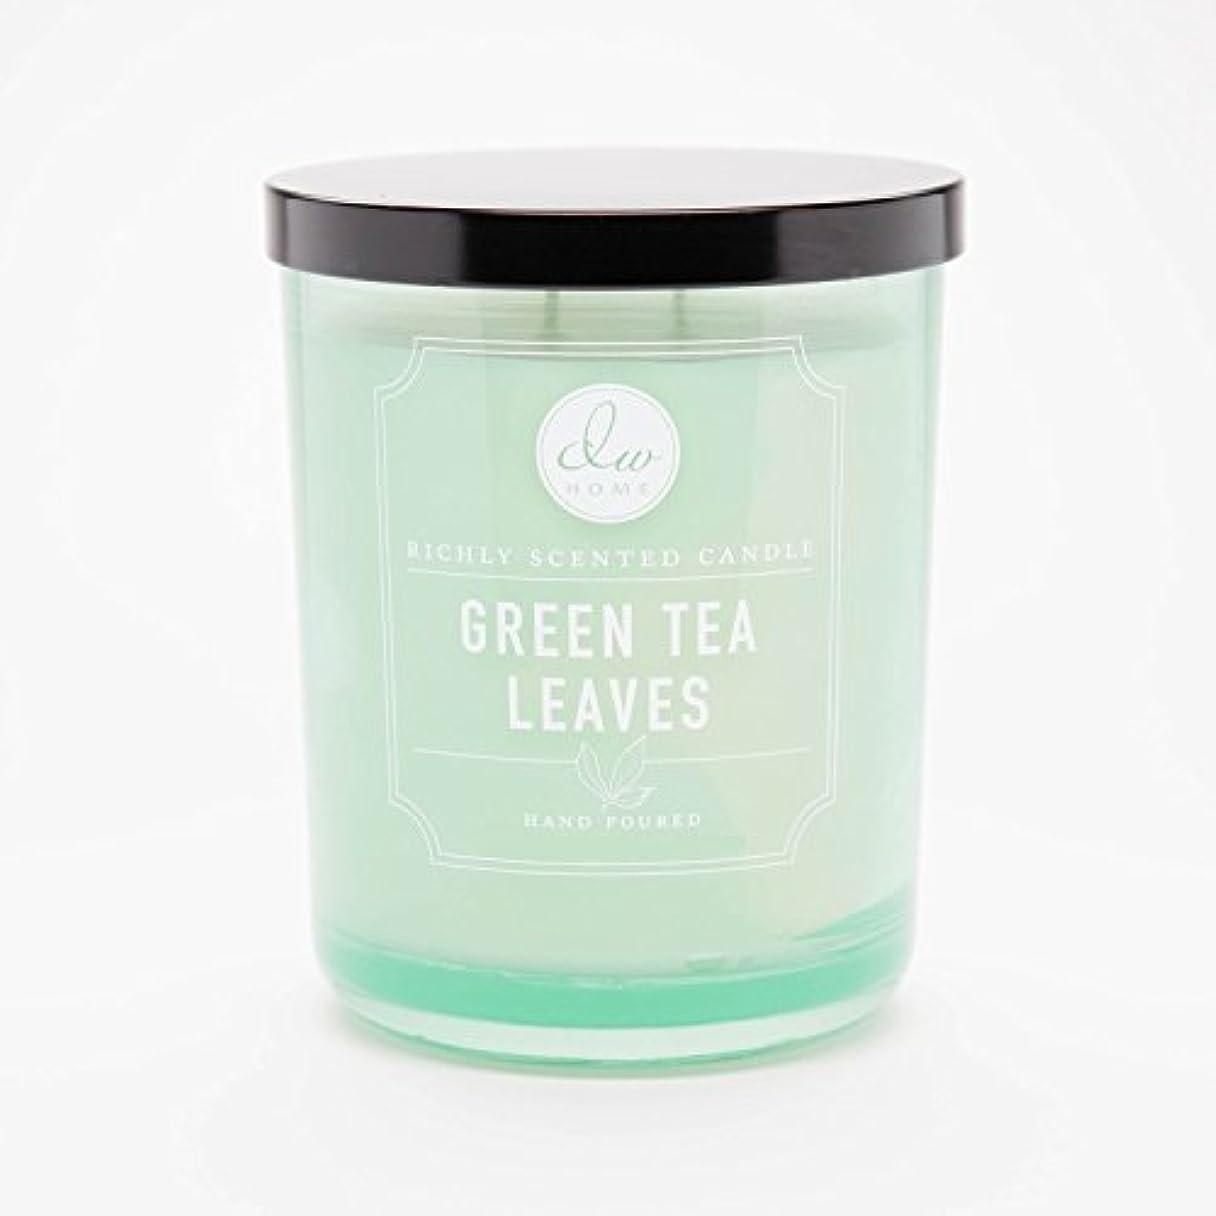 識字オープニング肯定的Green Tea Leaves Richly Scented Candle Small Single Wick Hand Poured From Dw